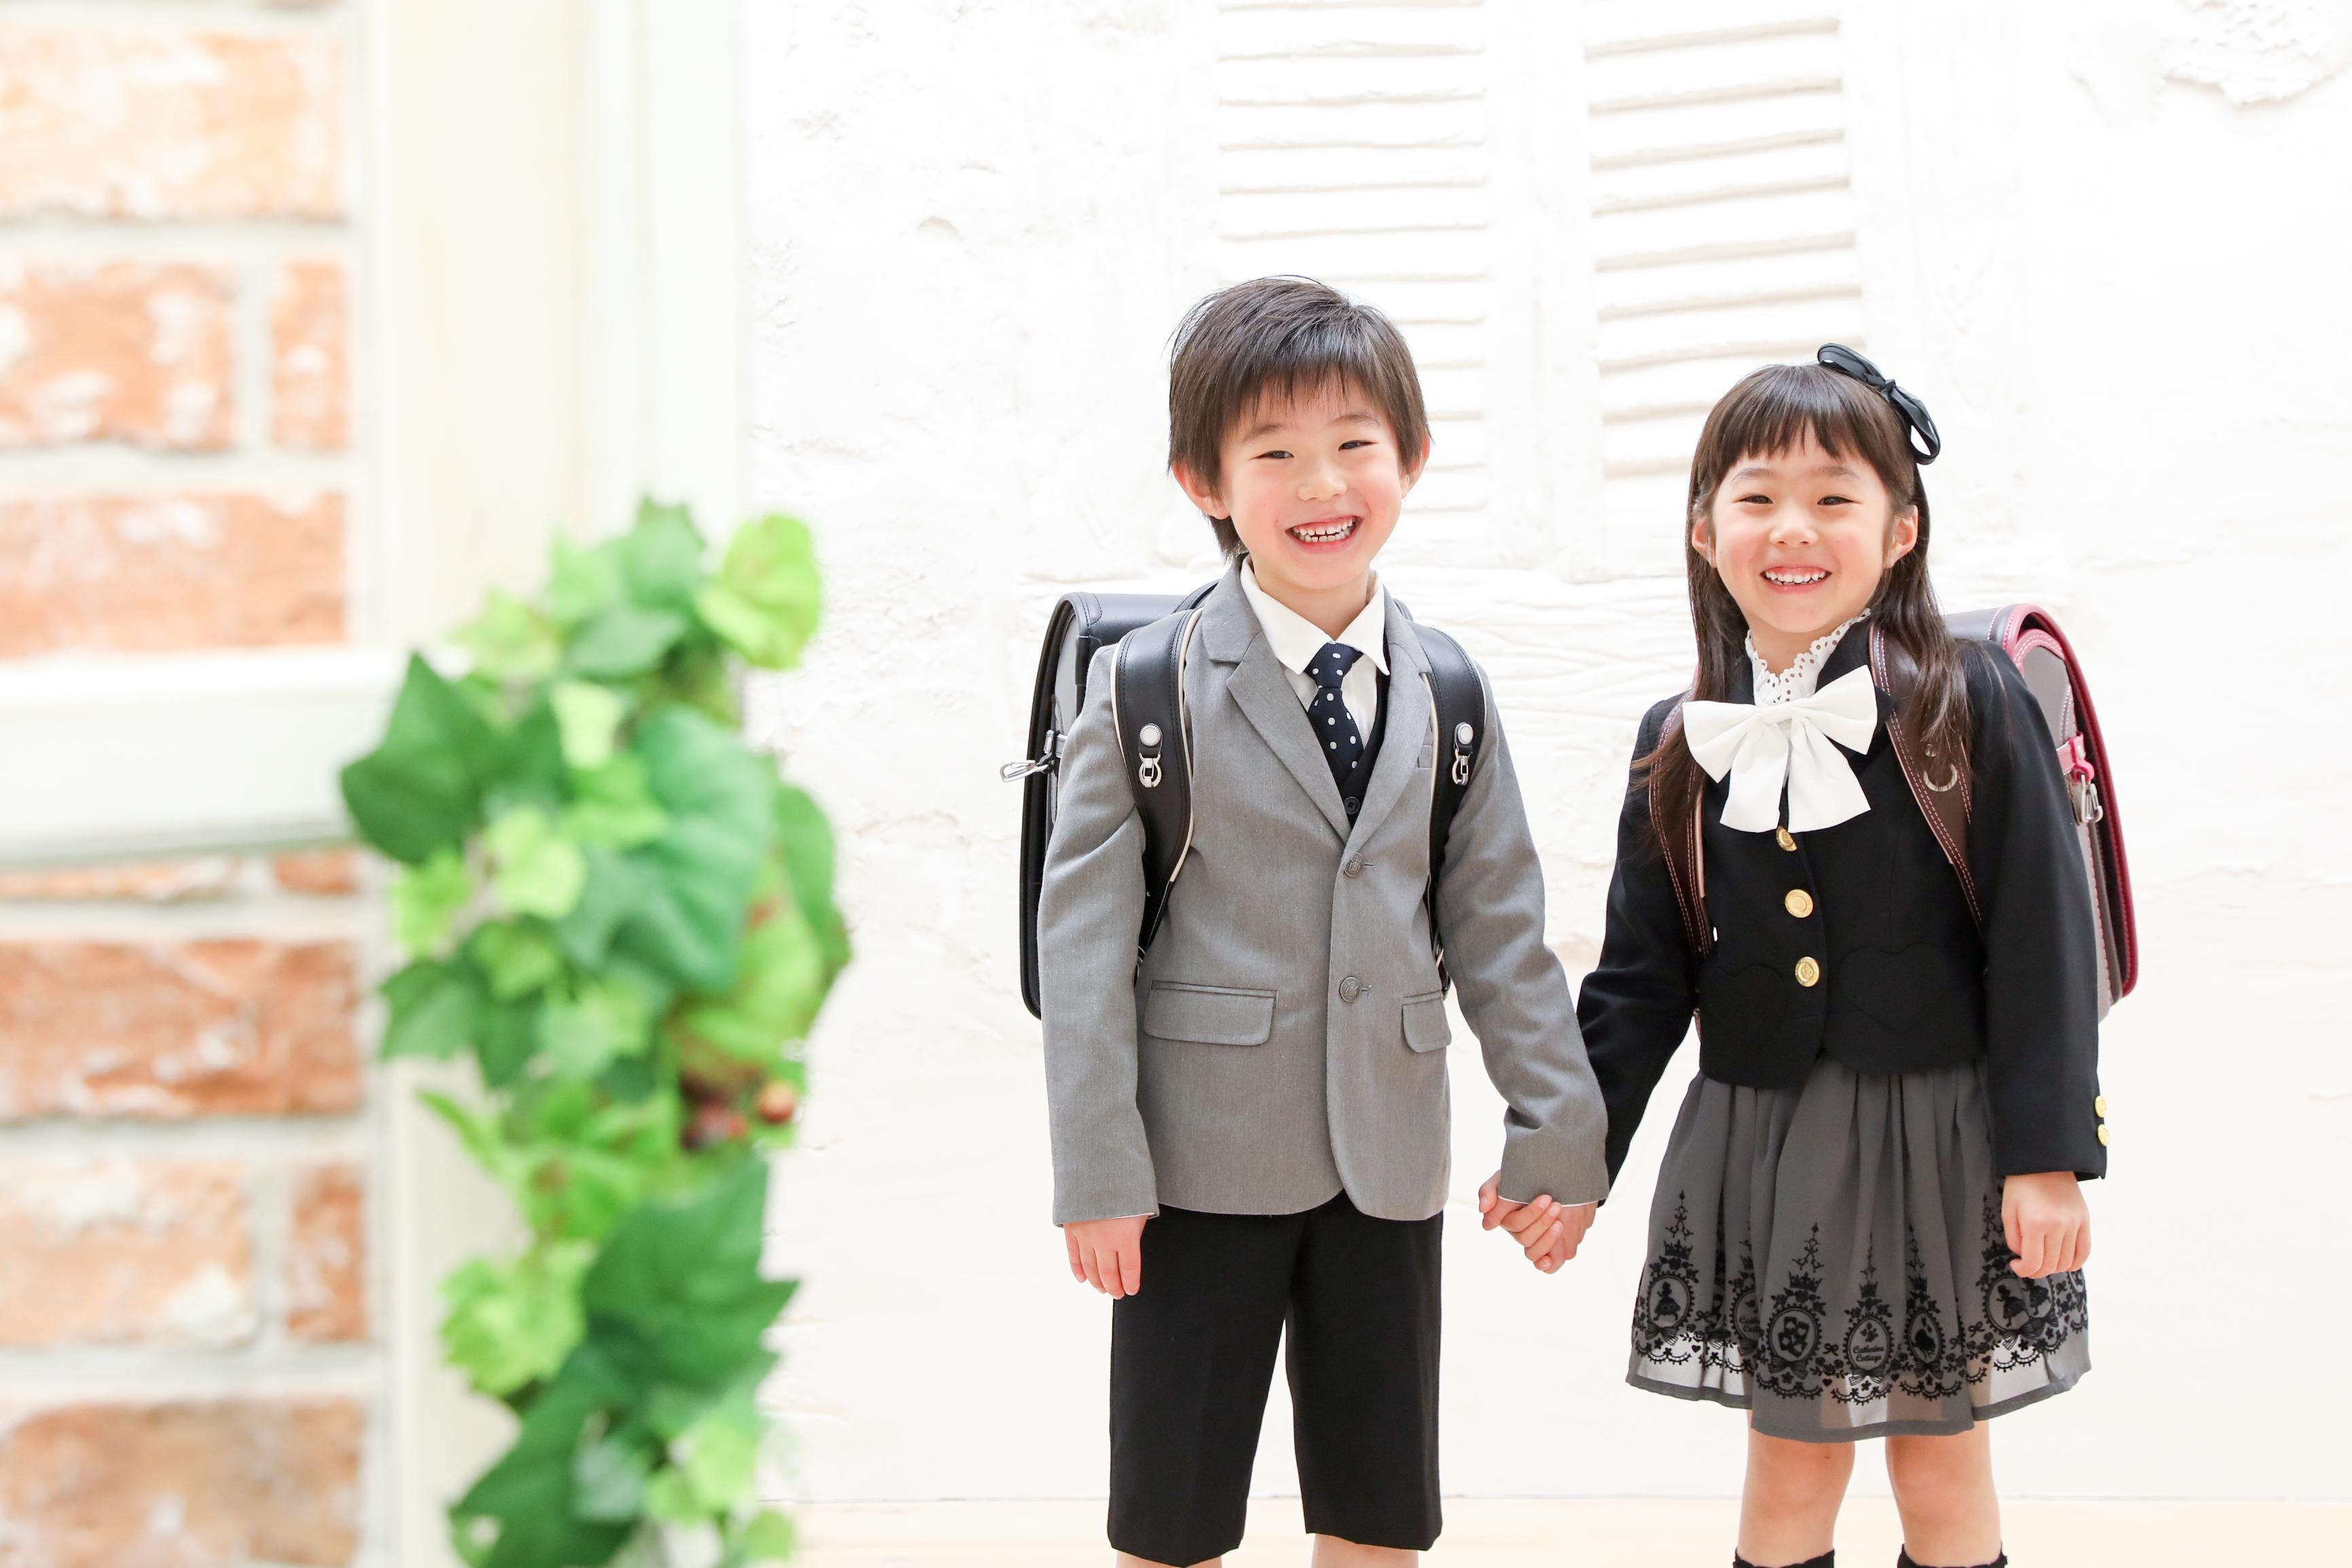 【入学】6歳の男の子・女の子従兄妹撮影